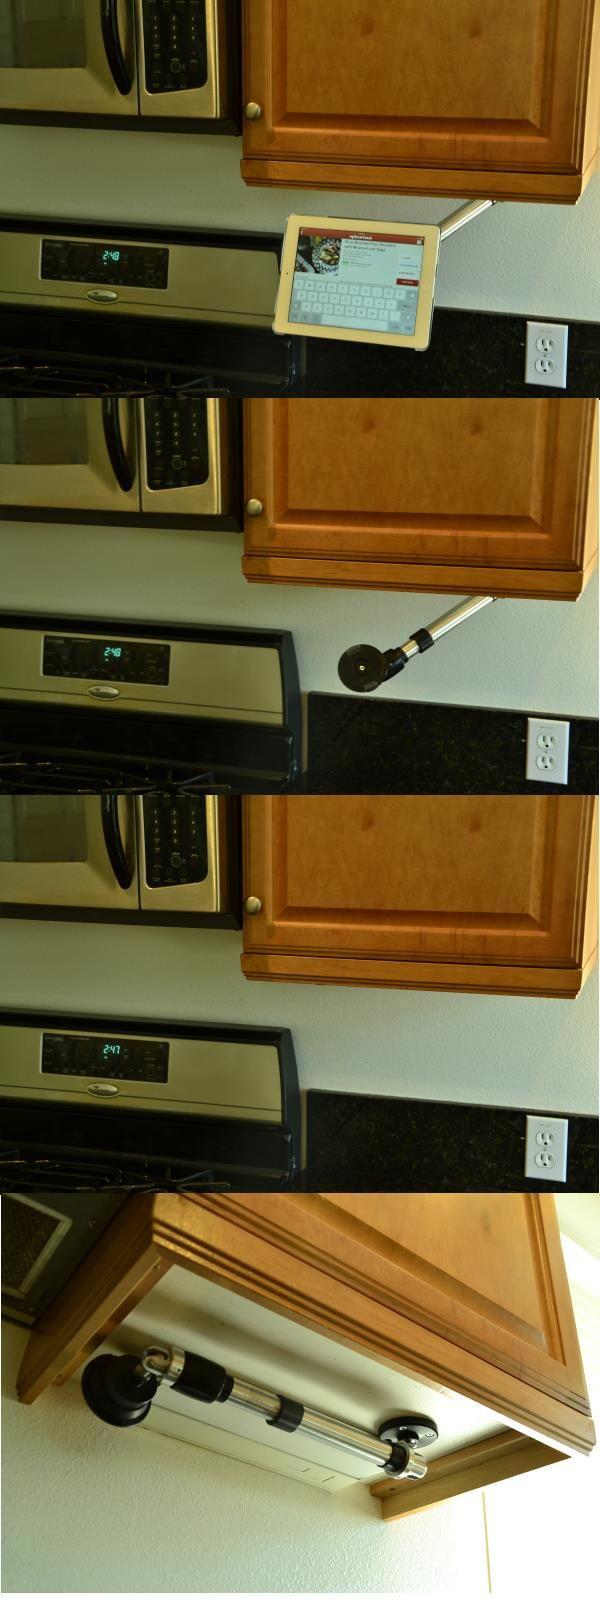 best home kitchen images on pinterest kitchen storage